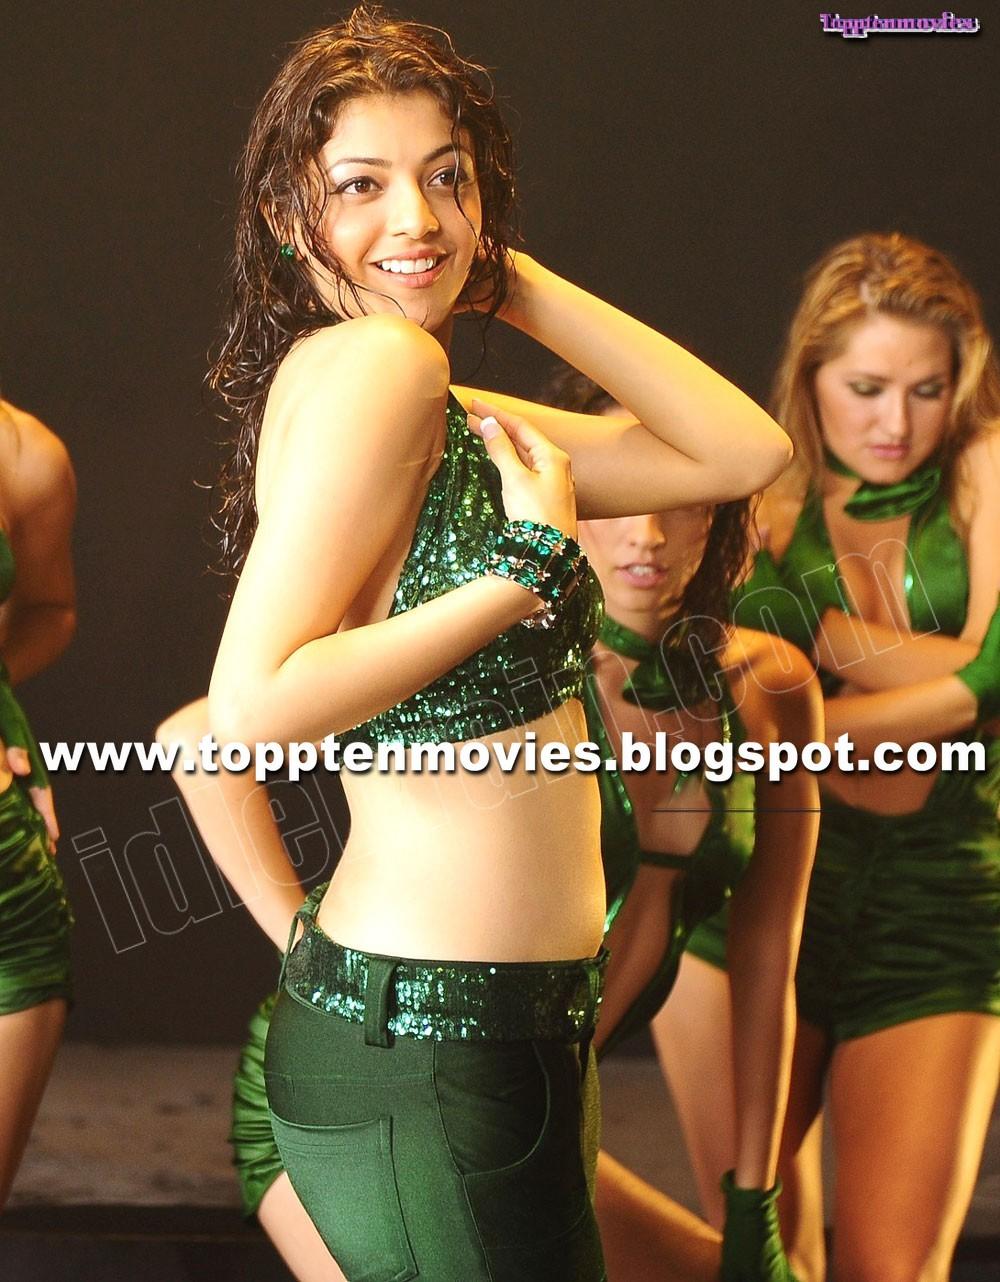 http://1.bp.blogspot.com/_iRqKBCtH6ZM/S_tyYrPlomI/AAAAAAAACHw/Zlkte3lp0to/s1600/KajalAgarwal-Sexy-Navel-Show+%284%29.jpg